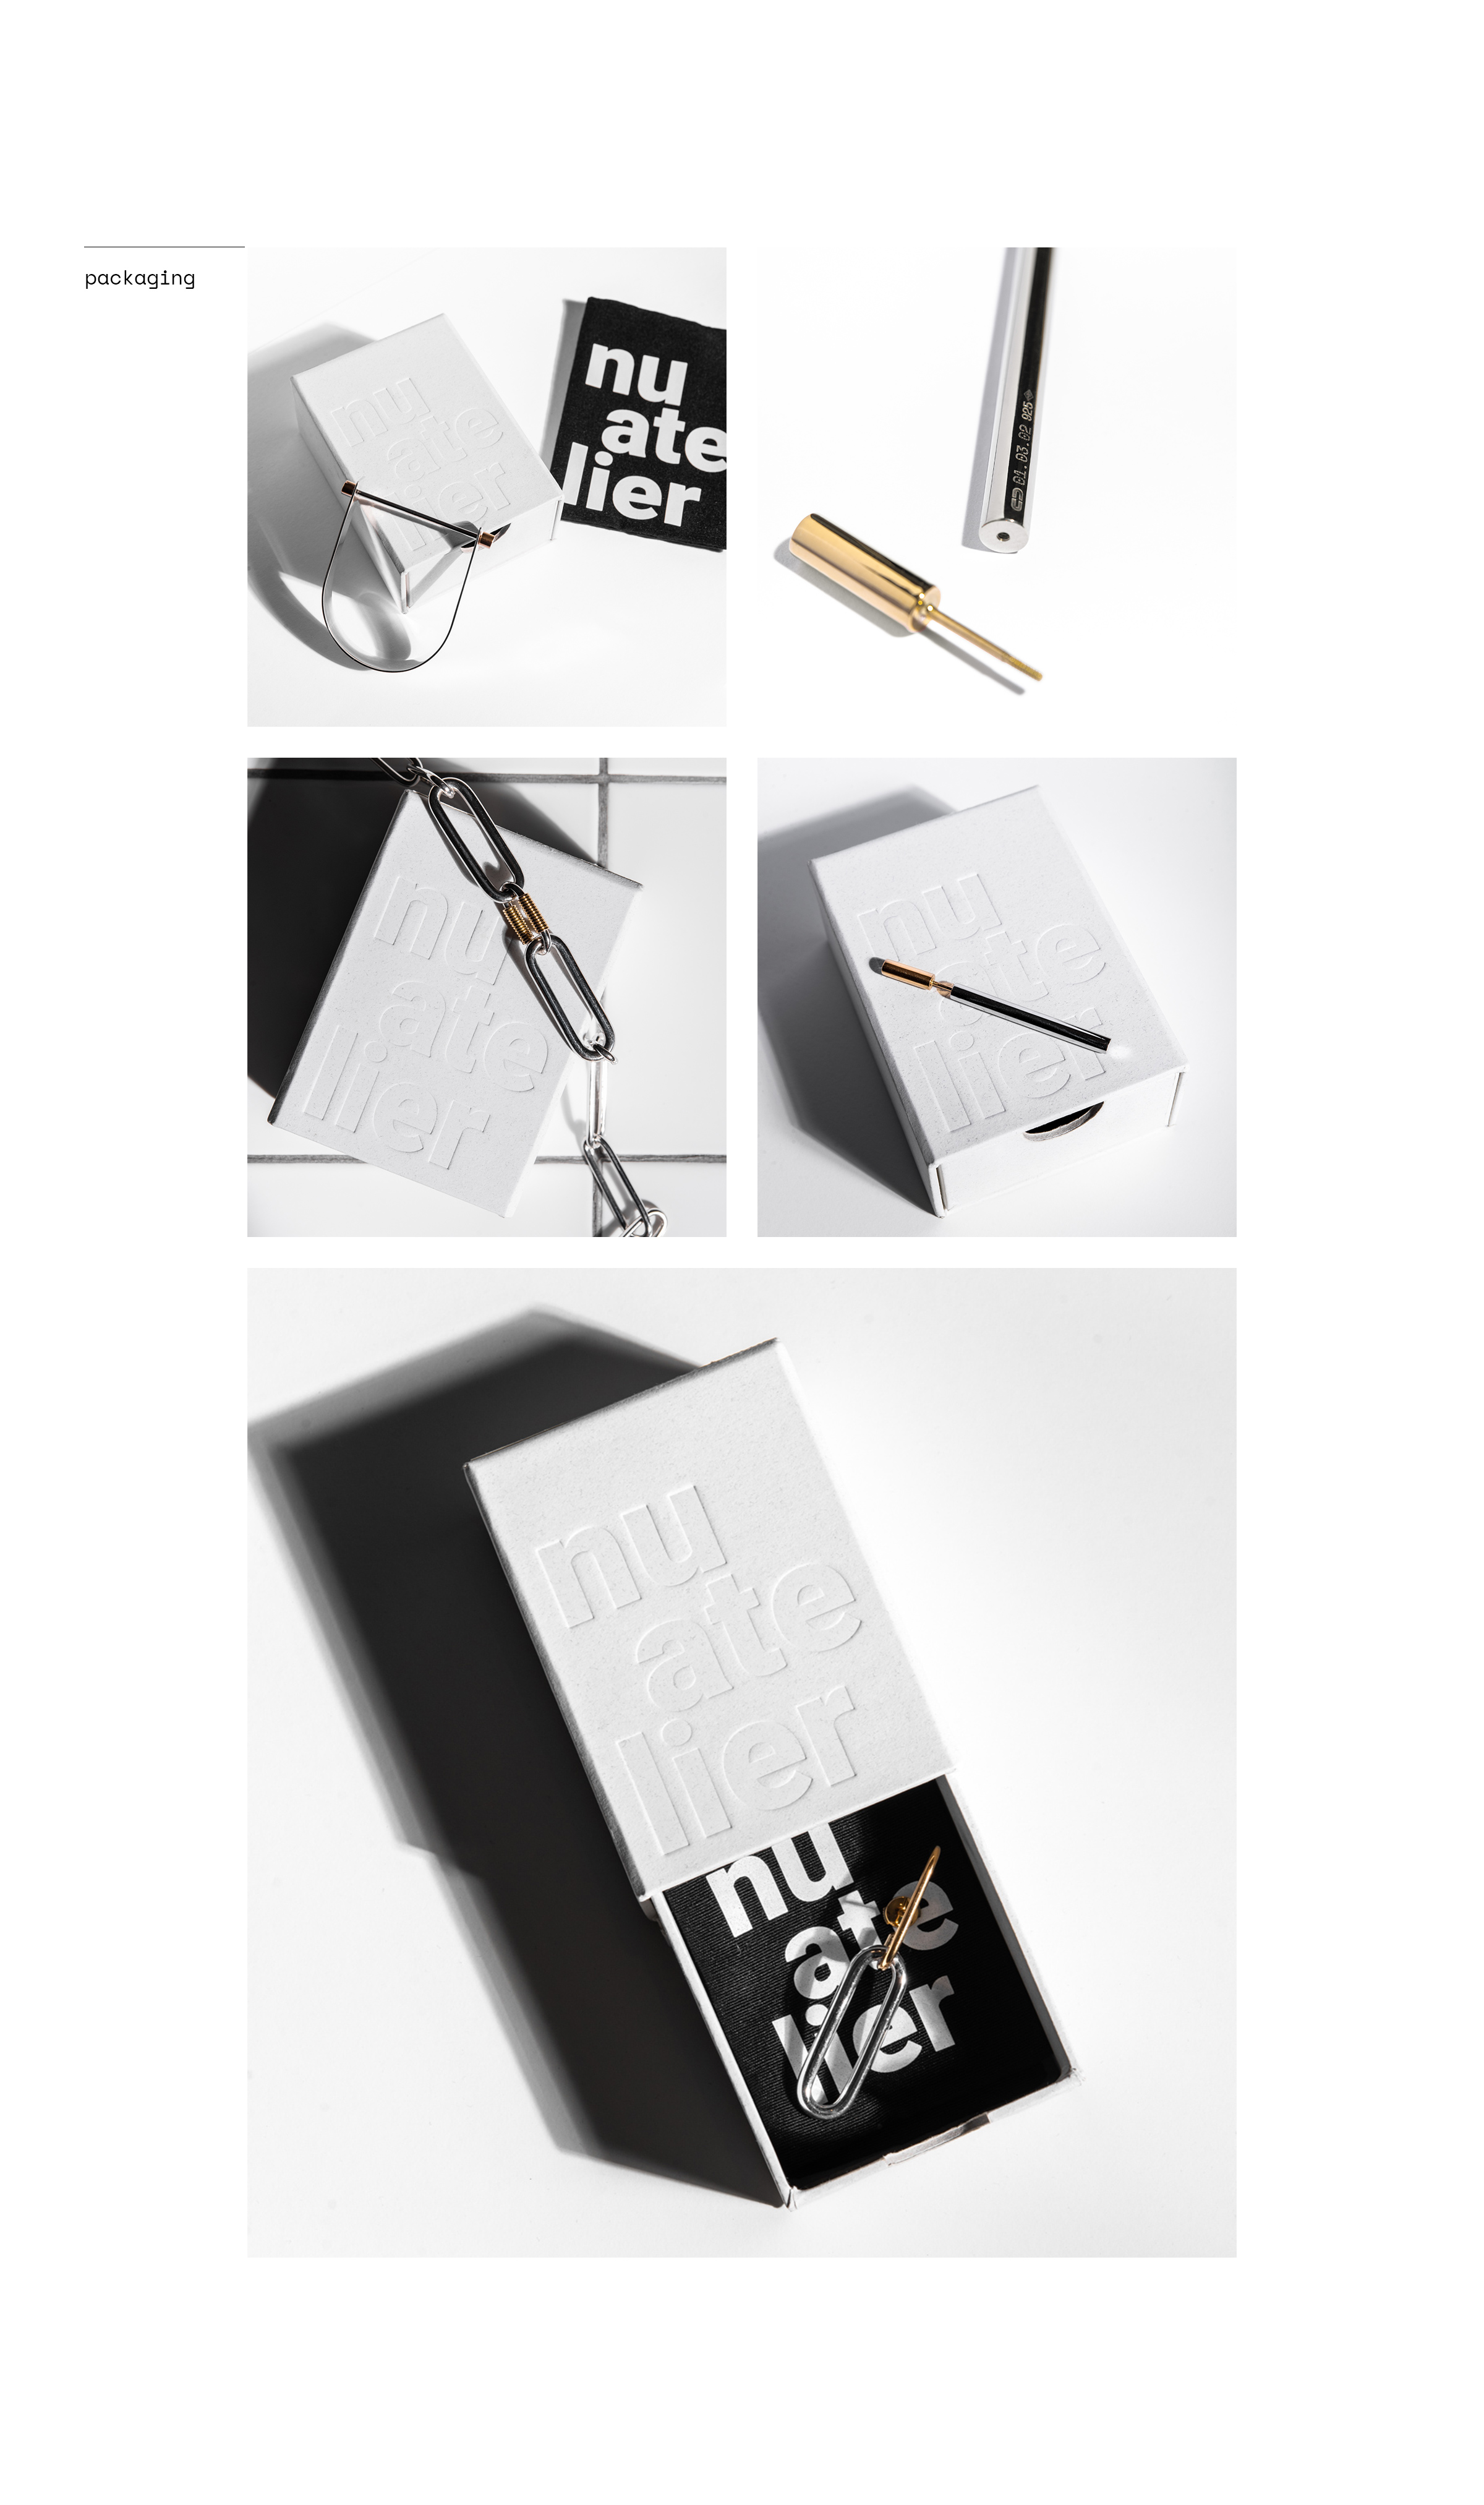 packaging-NU